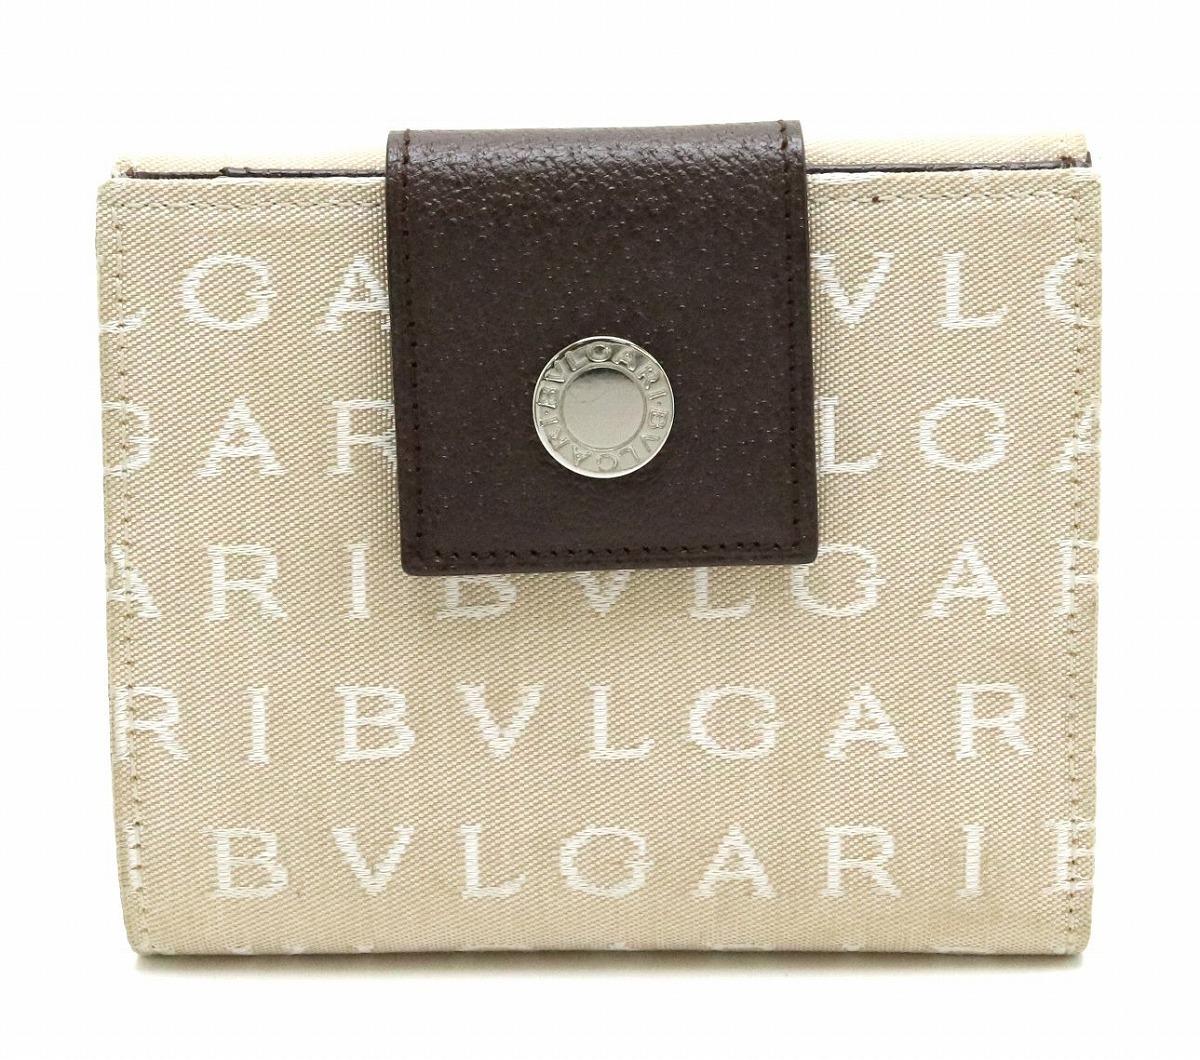 【財布】BVLGARI ブルガリ レッタレ ロゴマニア 2つ折 Wホック ダブルホック財布 キャンバス レザー ベージュ 茶 ダークブラウン L1350 【中古】【s】